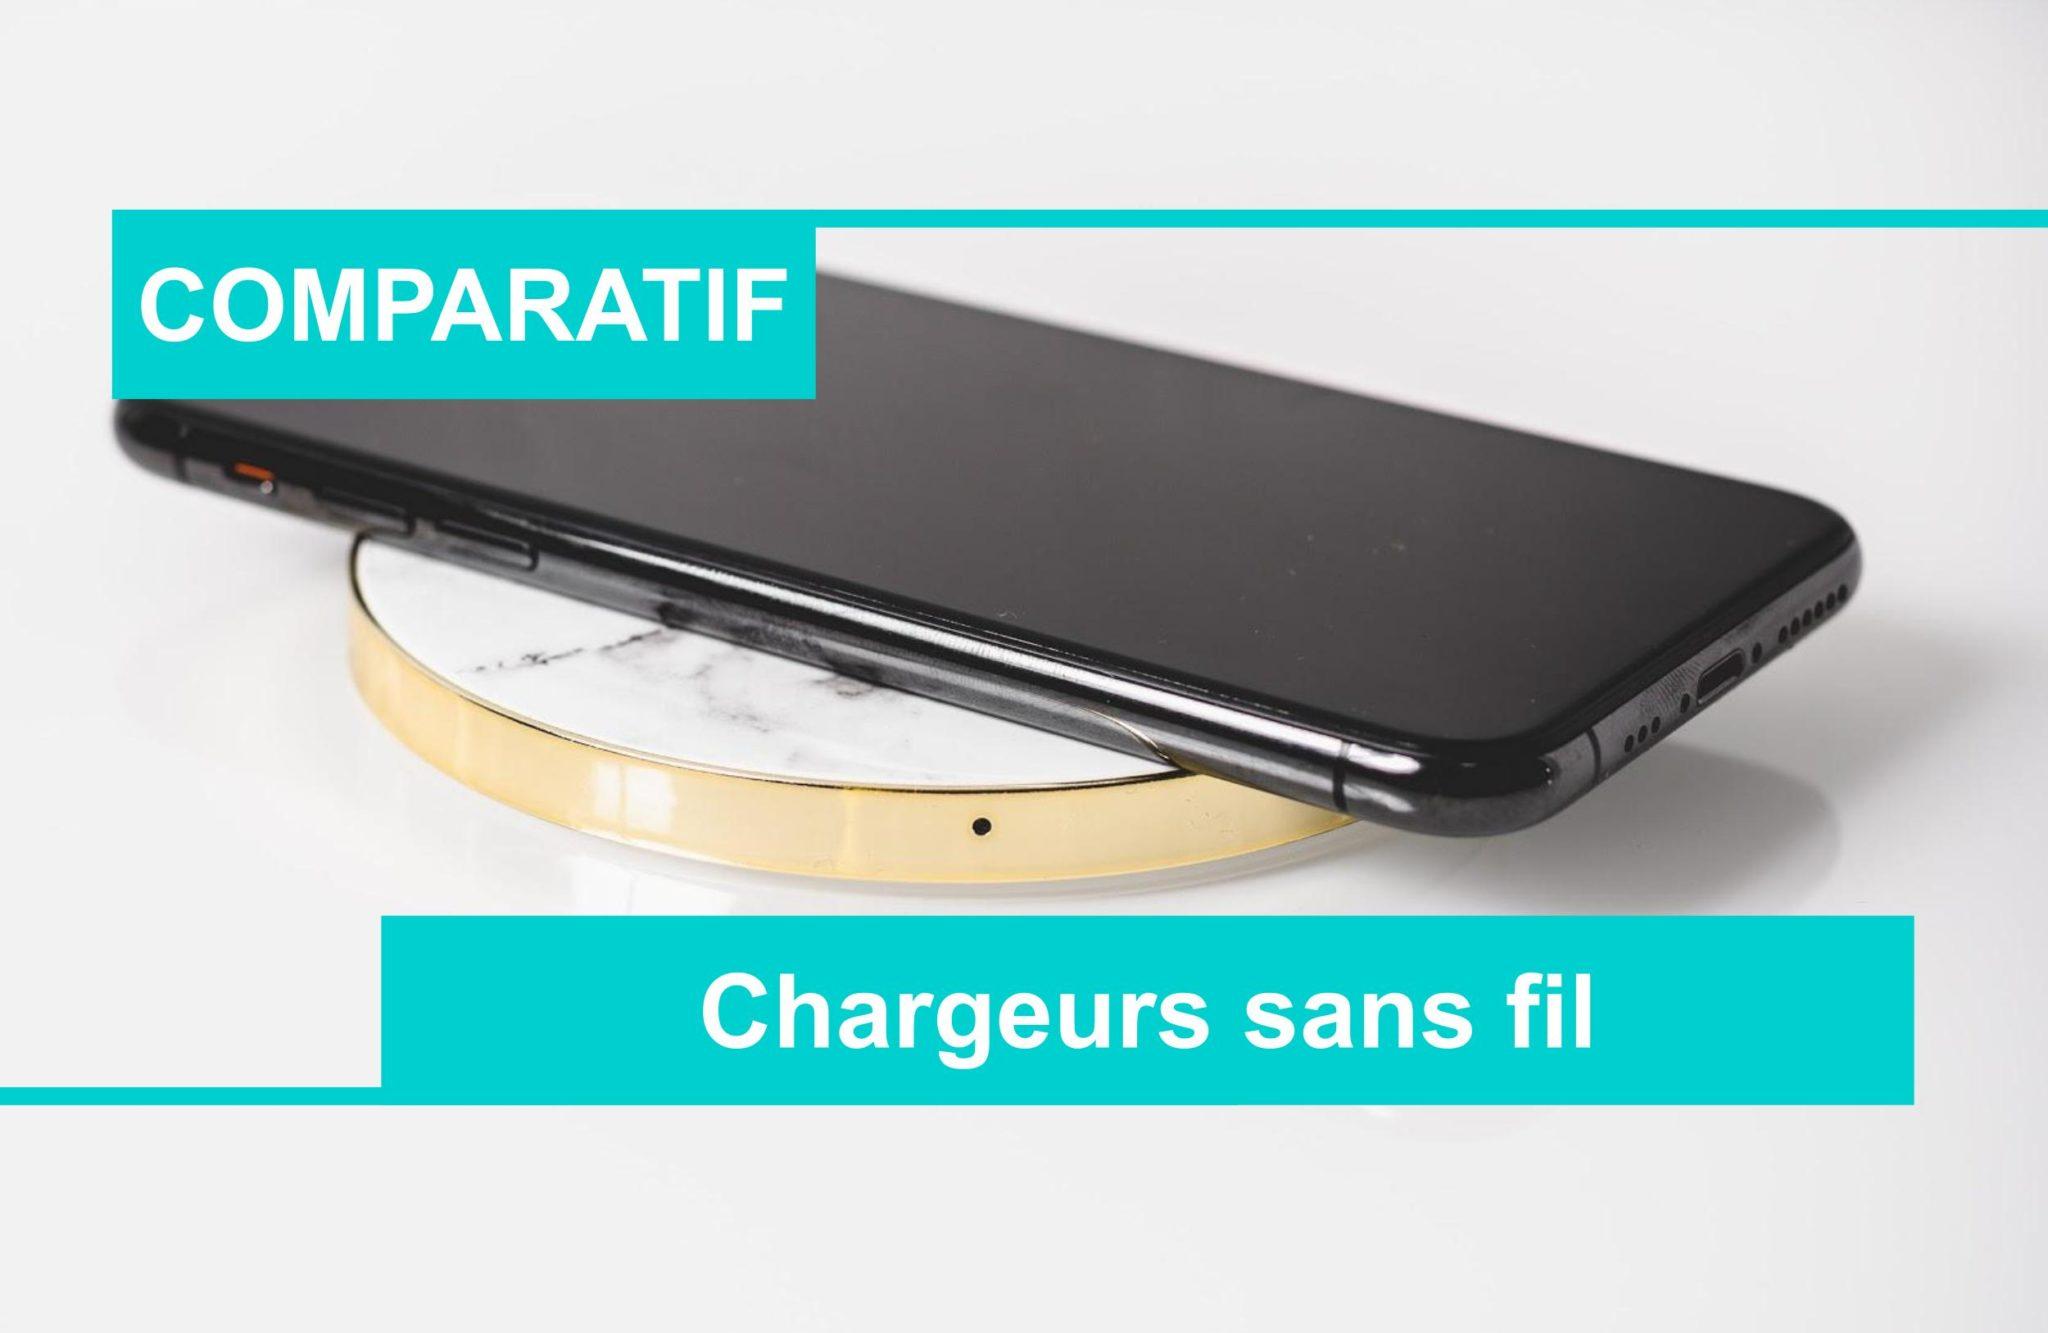 COMPARATIF chargeur sans fil